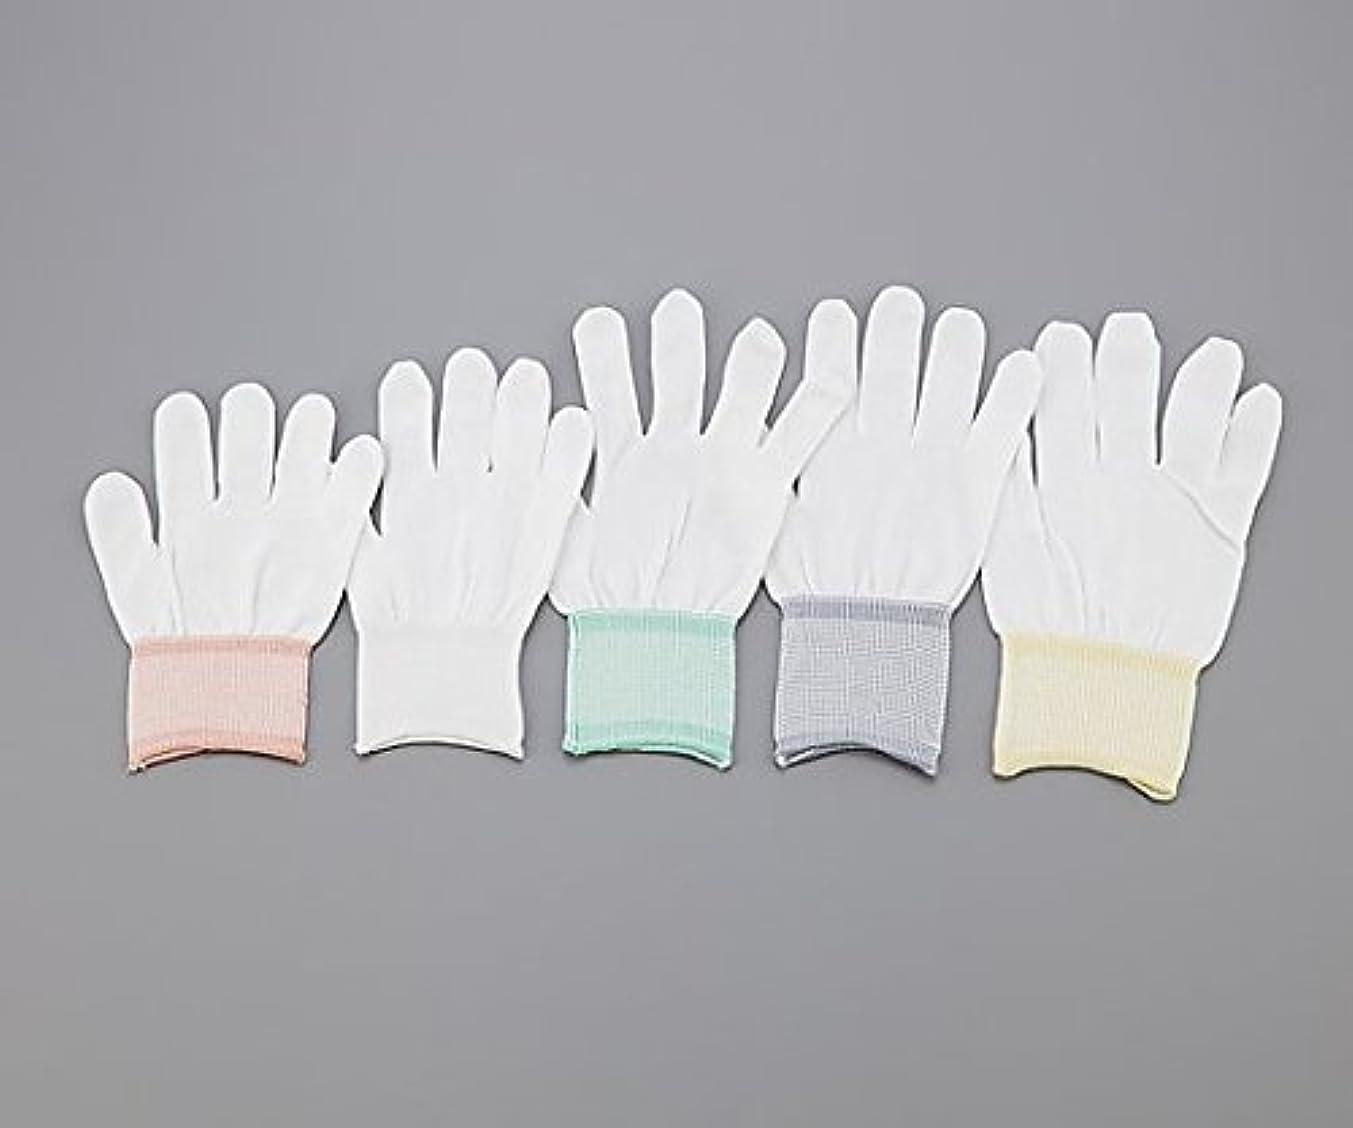 義務付けられた委託成熟したアズピュア(アズワン)1-4294-02アズピュアインナー手袋指先有りM10双20枚